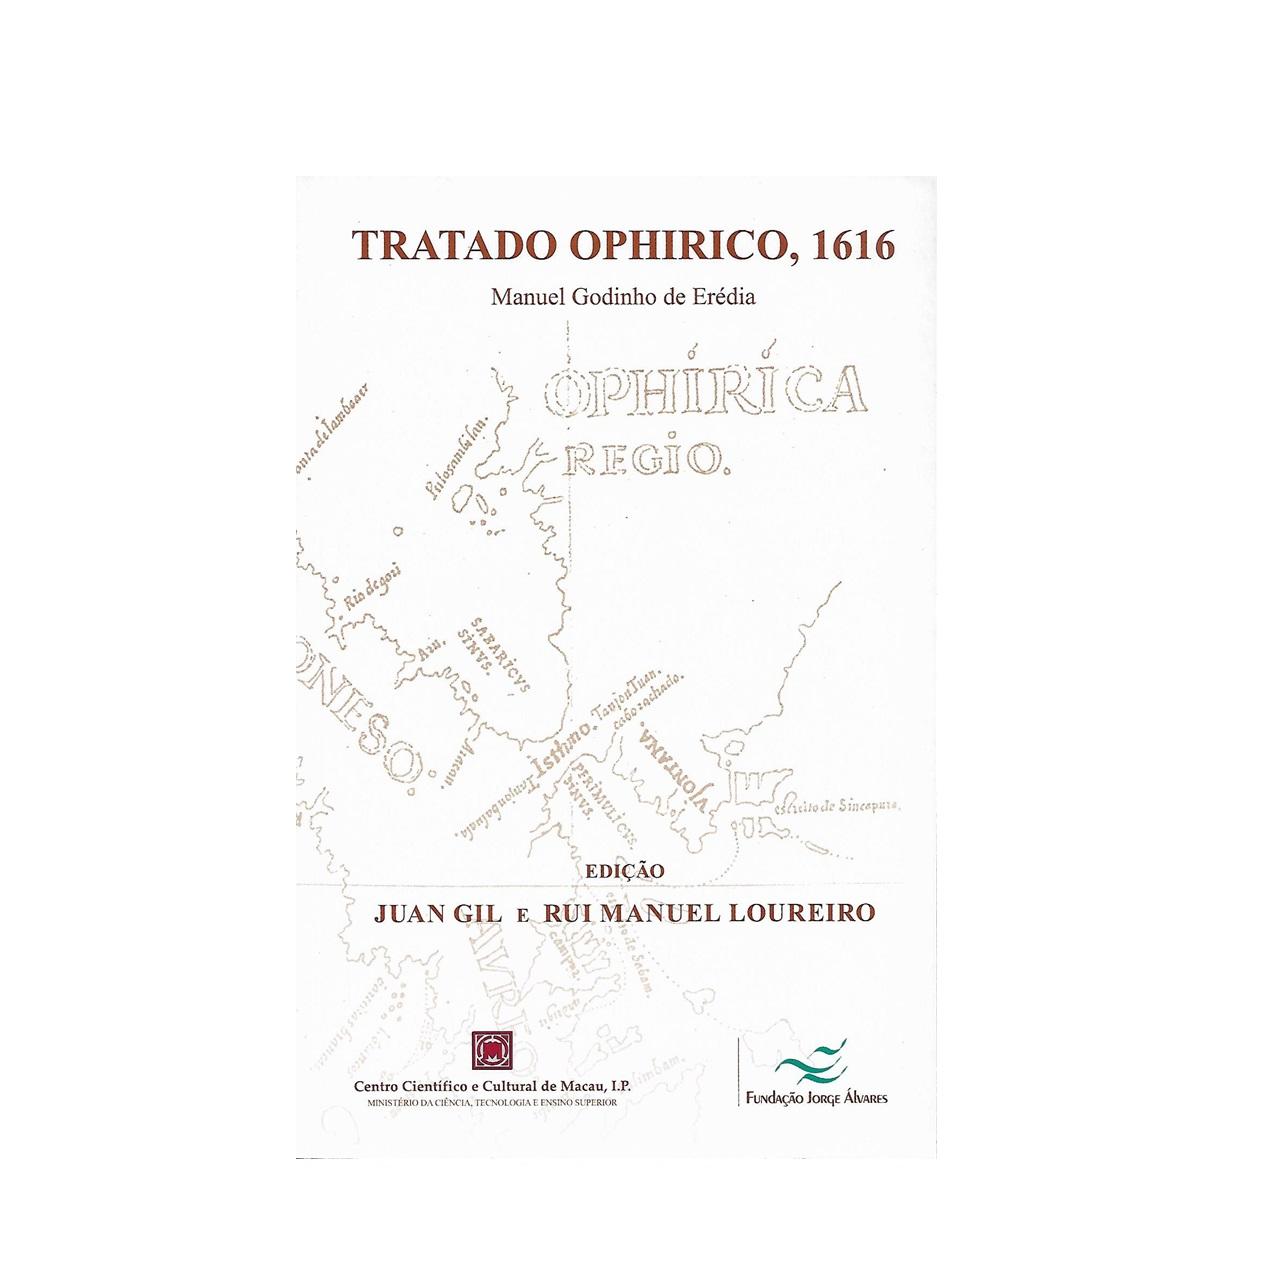 Tratado Ophirico, 1616.